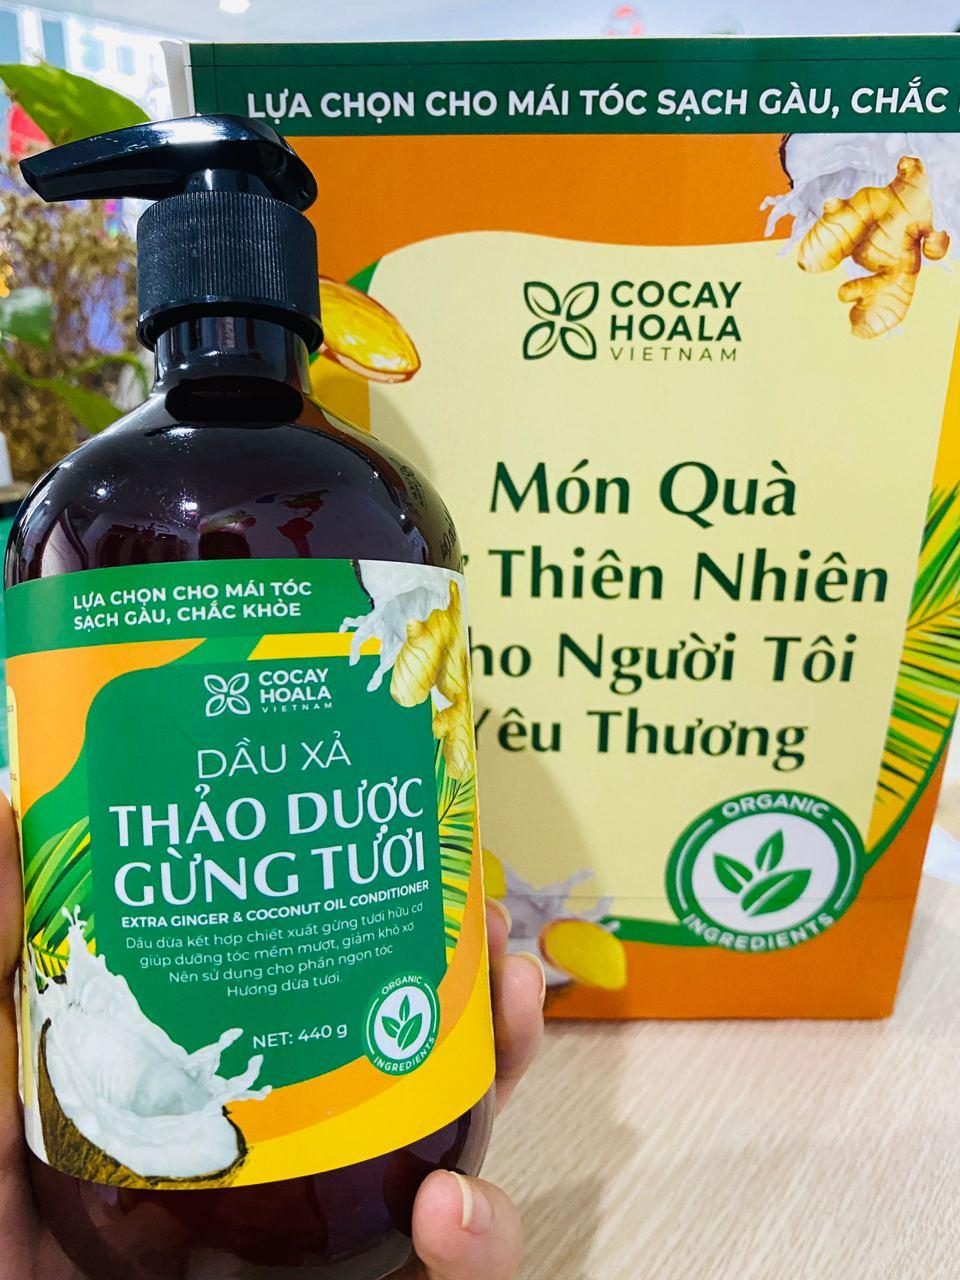 Bộ dầu gội thảo dược gừng dừa Cocayhoala hỗ trợ trị gàu, giảm nấm ngứa, dung tích 440g/chai- 95% thành phần từ gừng tươi hữu cơ còn nguyên xơ gừng, hỗ trợ trị rụng tóc, kích thích mọc tóc vượt trội